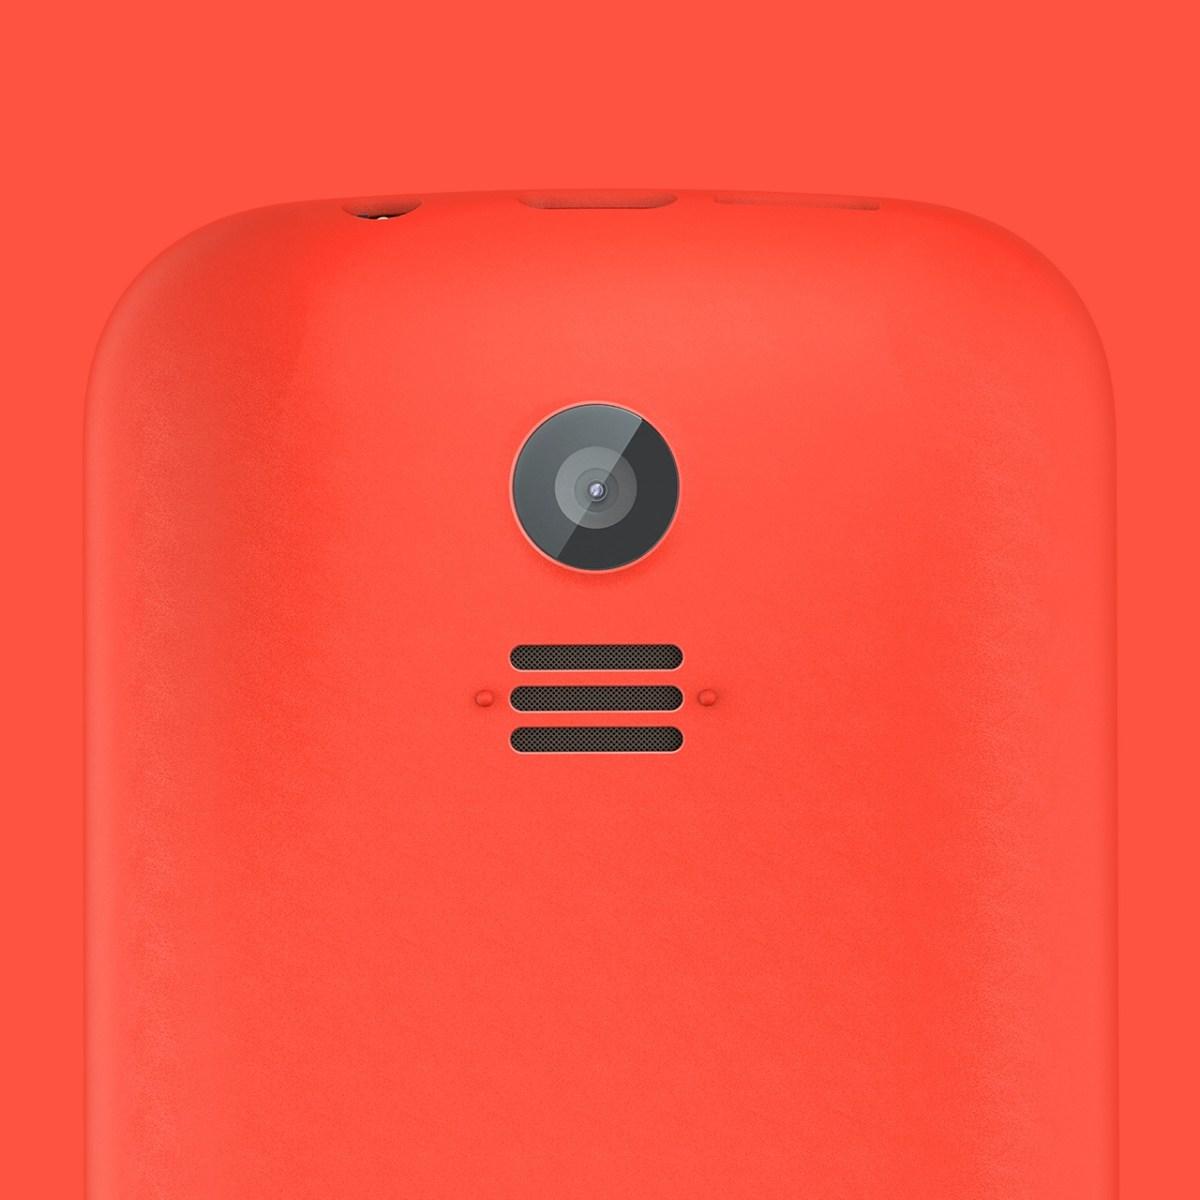 nokia_130-design_red-1280x1280.jpg